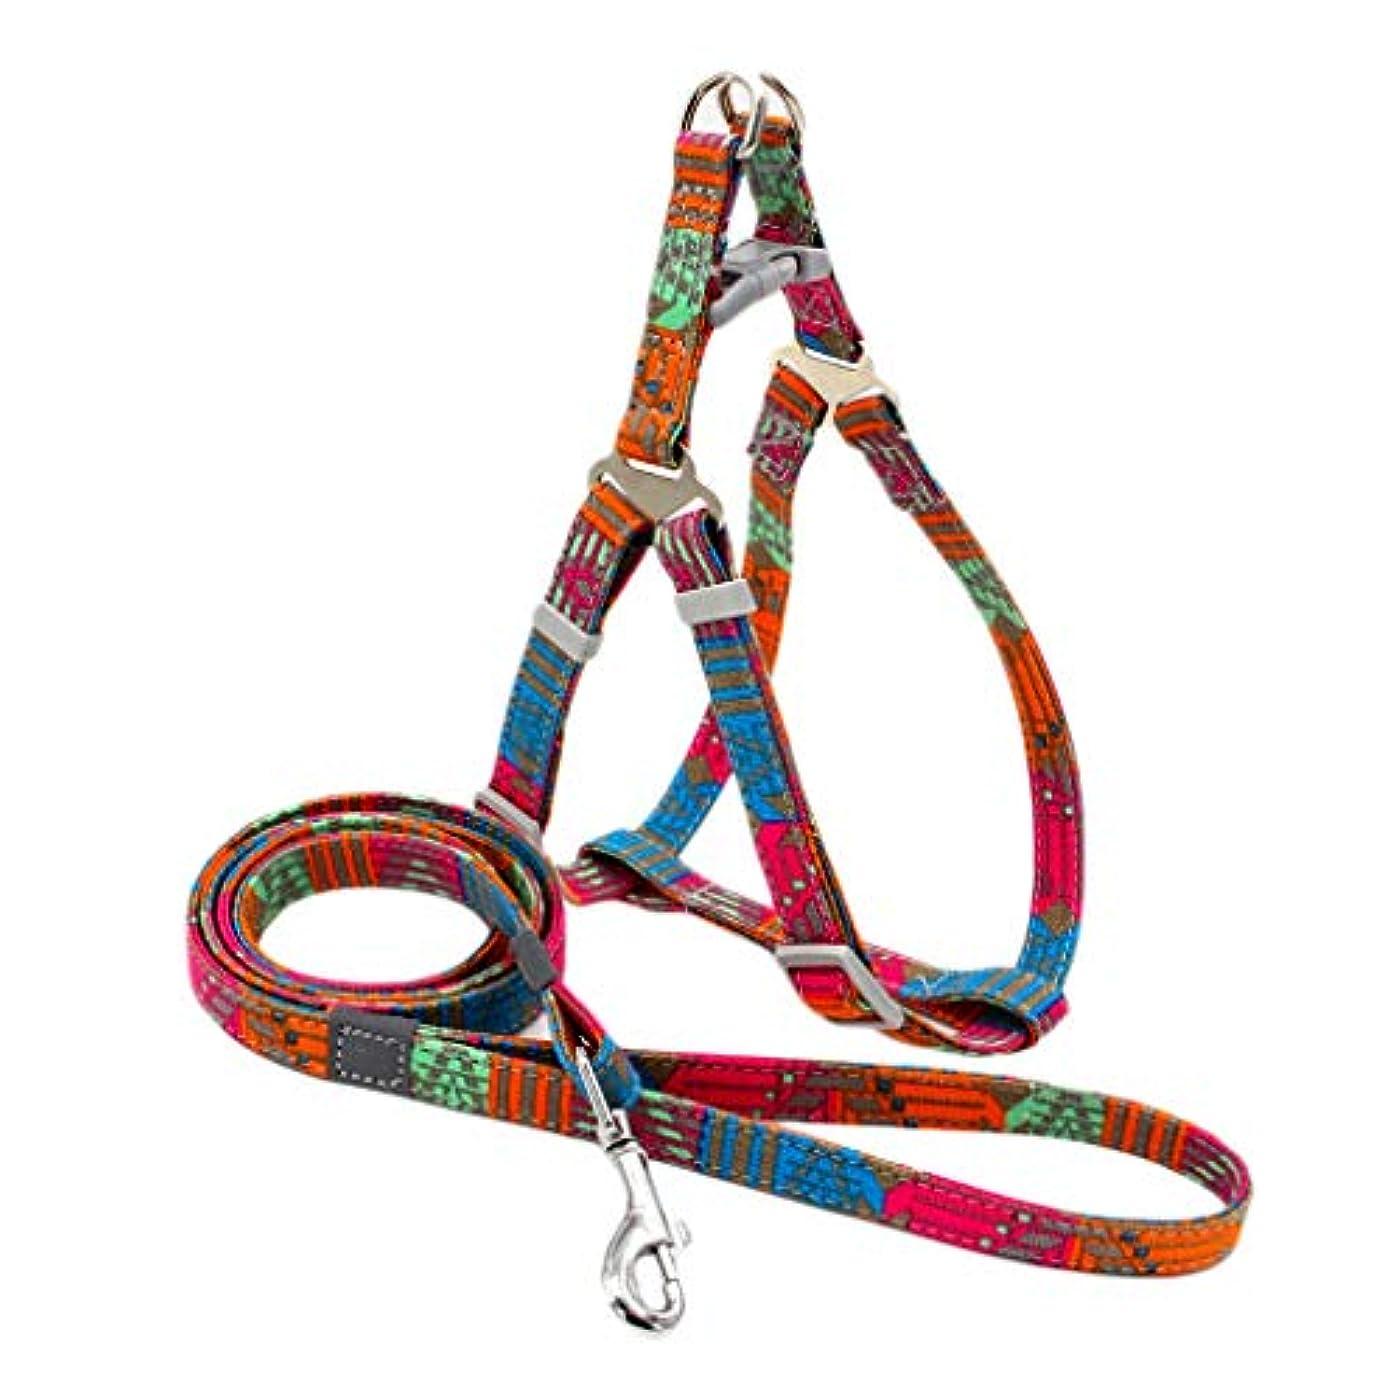 フェミニン方向分岐する犬 猫 ハーネス 首輪 胴輪 小型犬 ソフト 軽量 安全 簡単着脱 調節可能 老犬 歩行補助 全2タイプ2サイズ - タイプ1, M